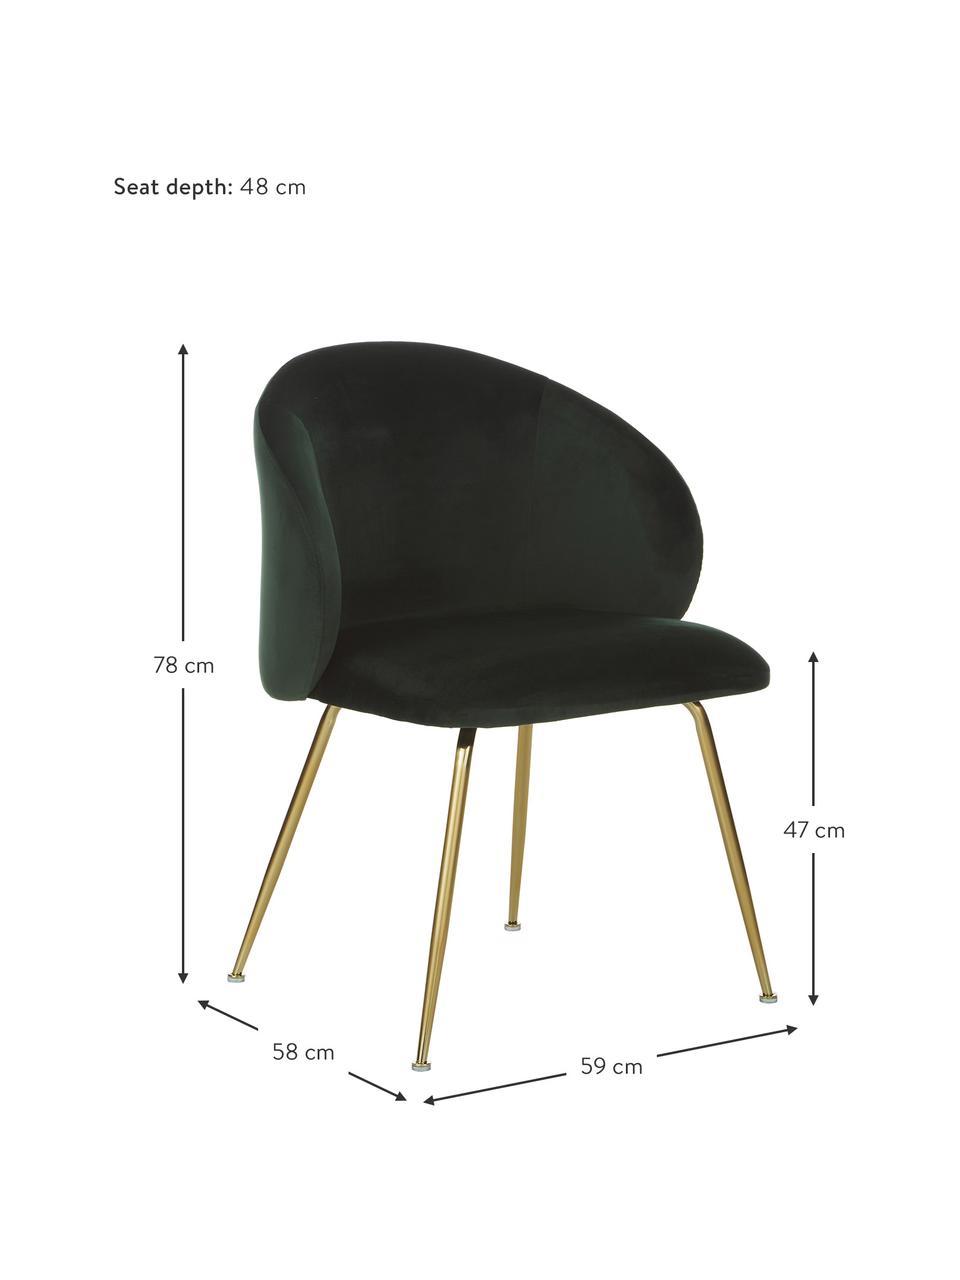 Krzesło tapicerowane z aksamitu Luisa, 2 szt., Tapicerka: aksamit (100% poliester) , Nogi: metal malowany proszkowo, Aksamitny ciemny zielony, złoty, S 59 x G 58 cm